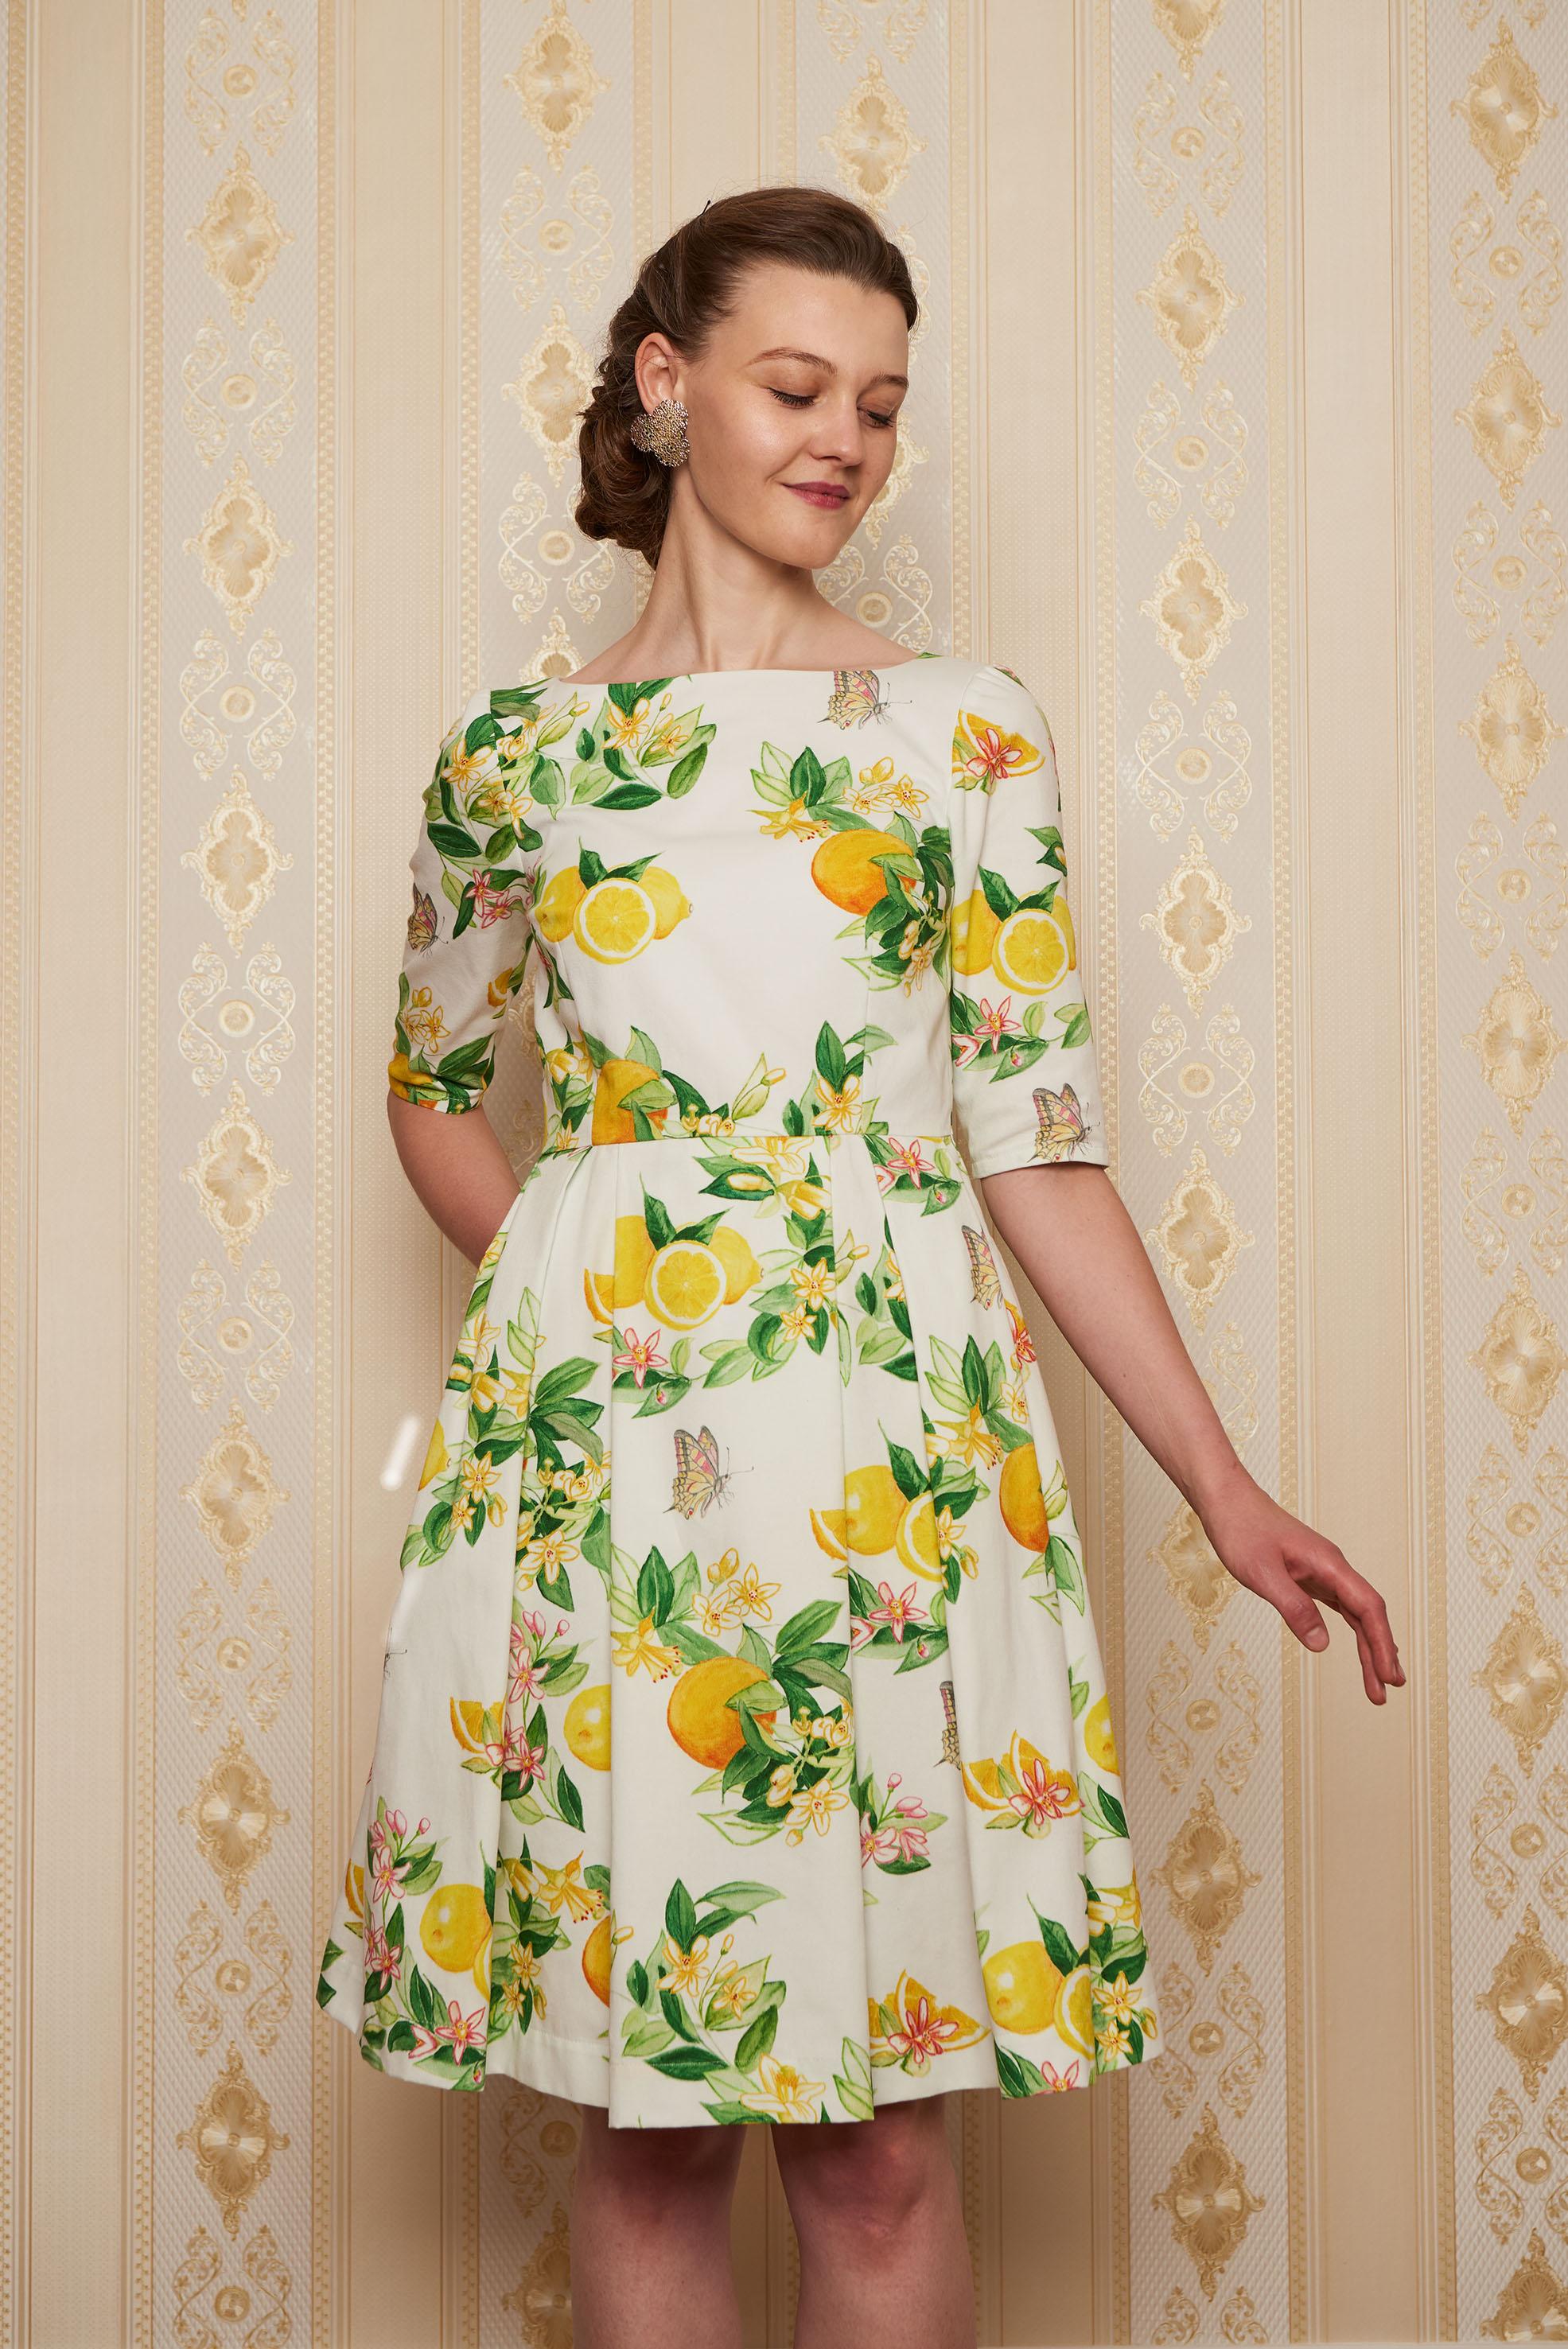 Klassisches knielanges Kleid mit halblangen Ärmeln, mit Zitronen, Orangen und Schmetterlingen bedruckte Baumwolle und zwei Nahttaschen. Fröhlich, elegant und beschwingt.